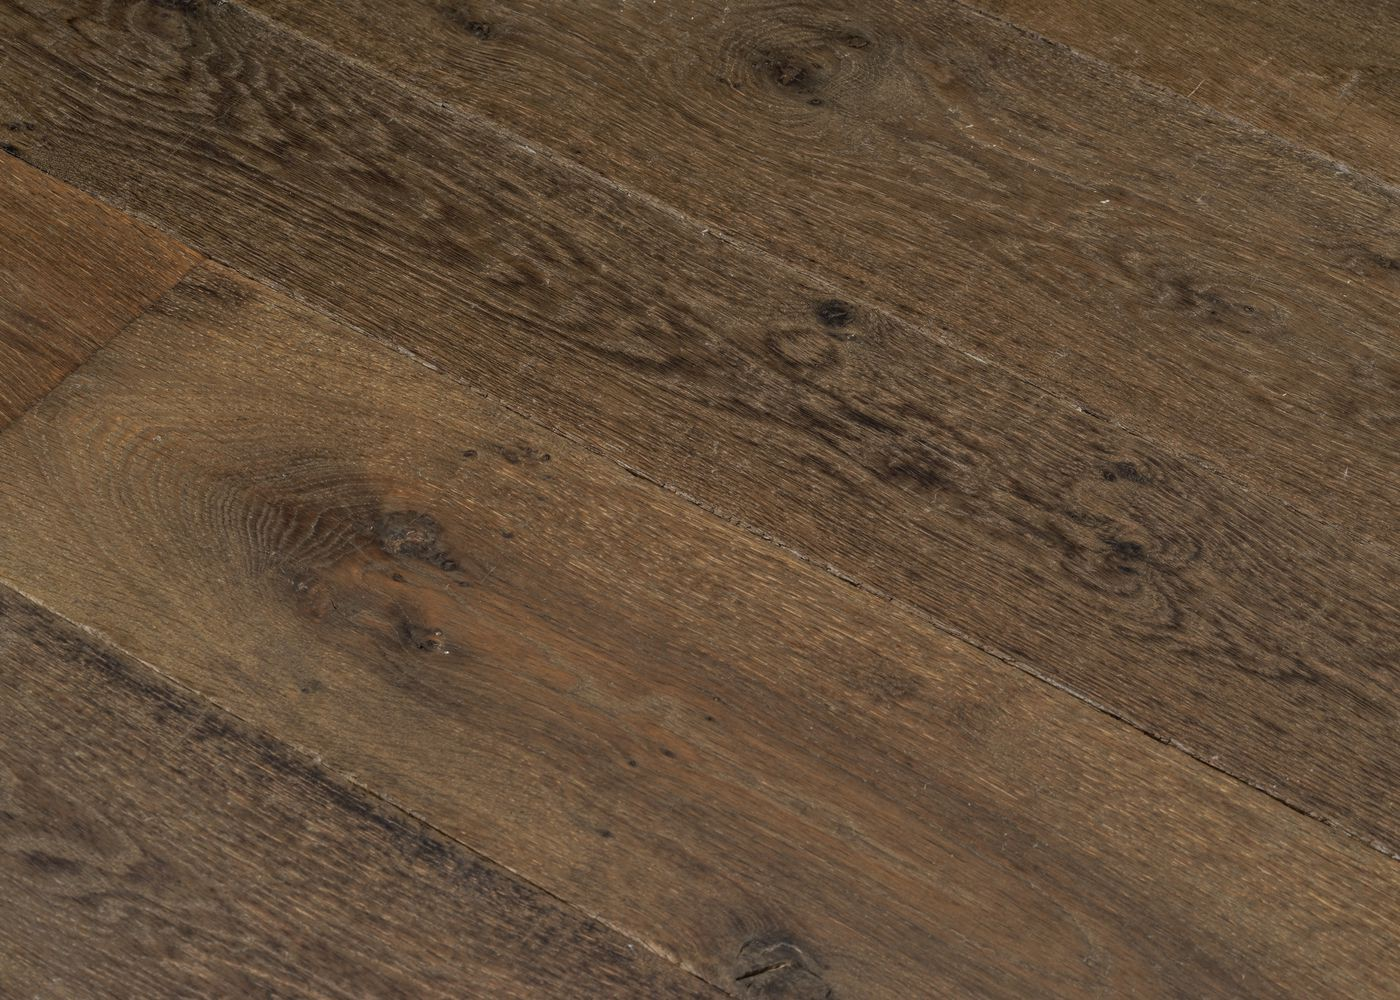 Parquet chêne massif DUBLIN vieilli huile cire 15x120-200x1800-2700